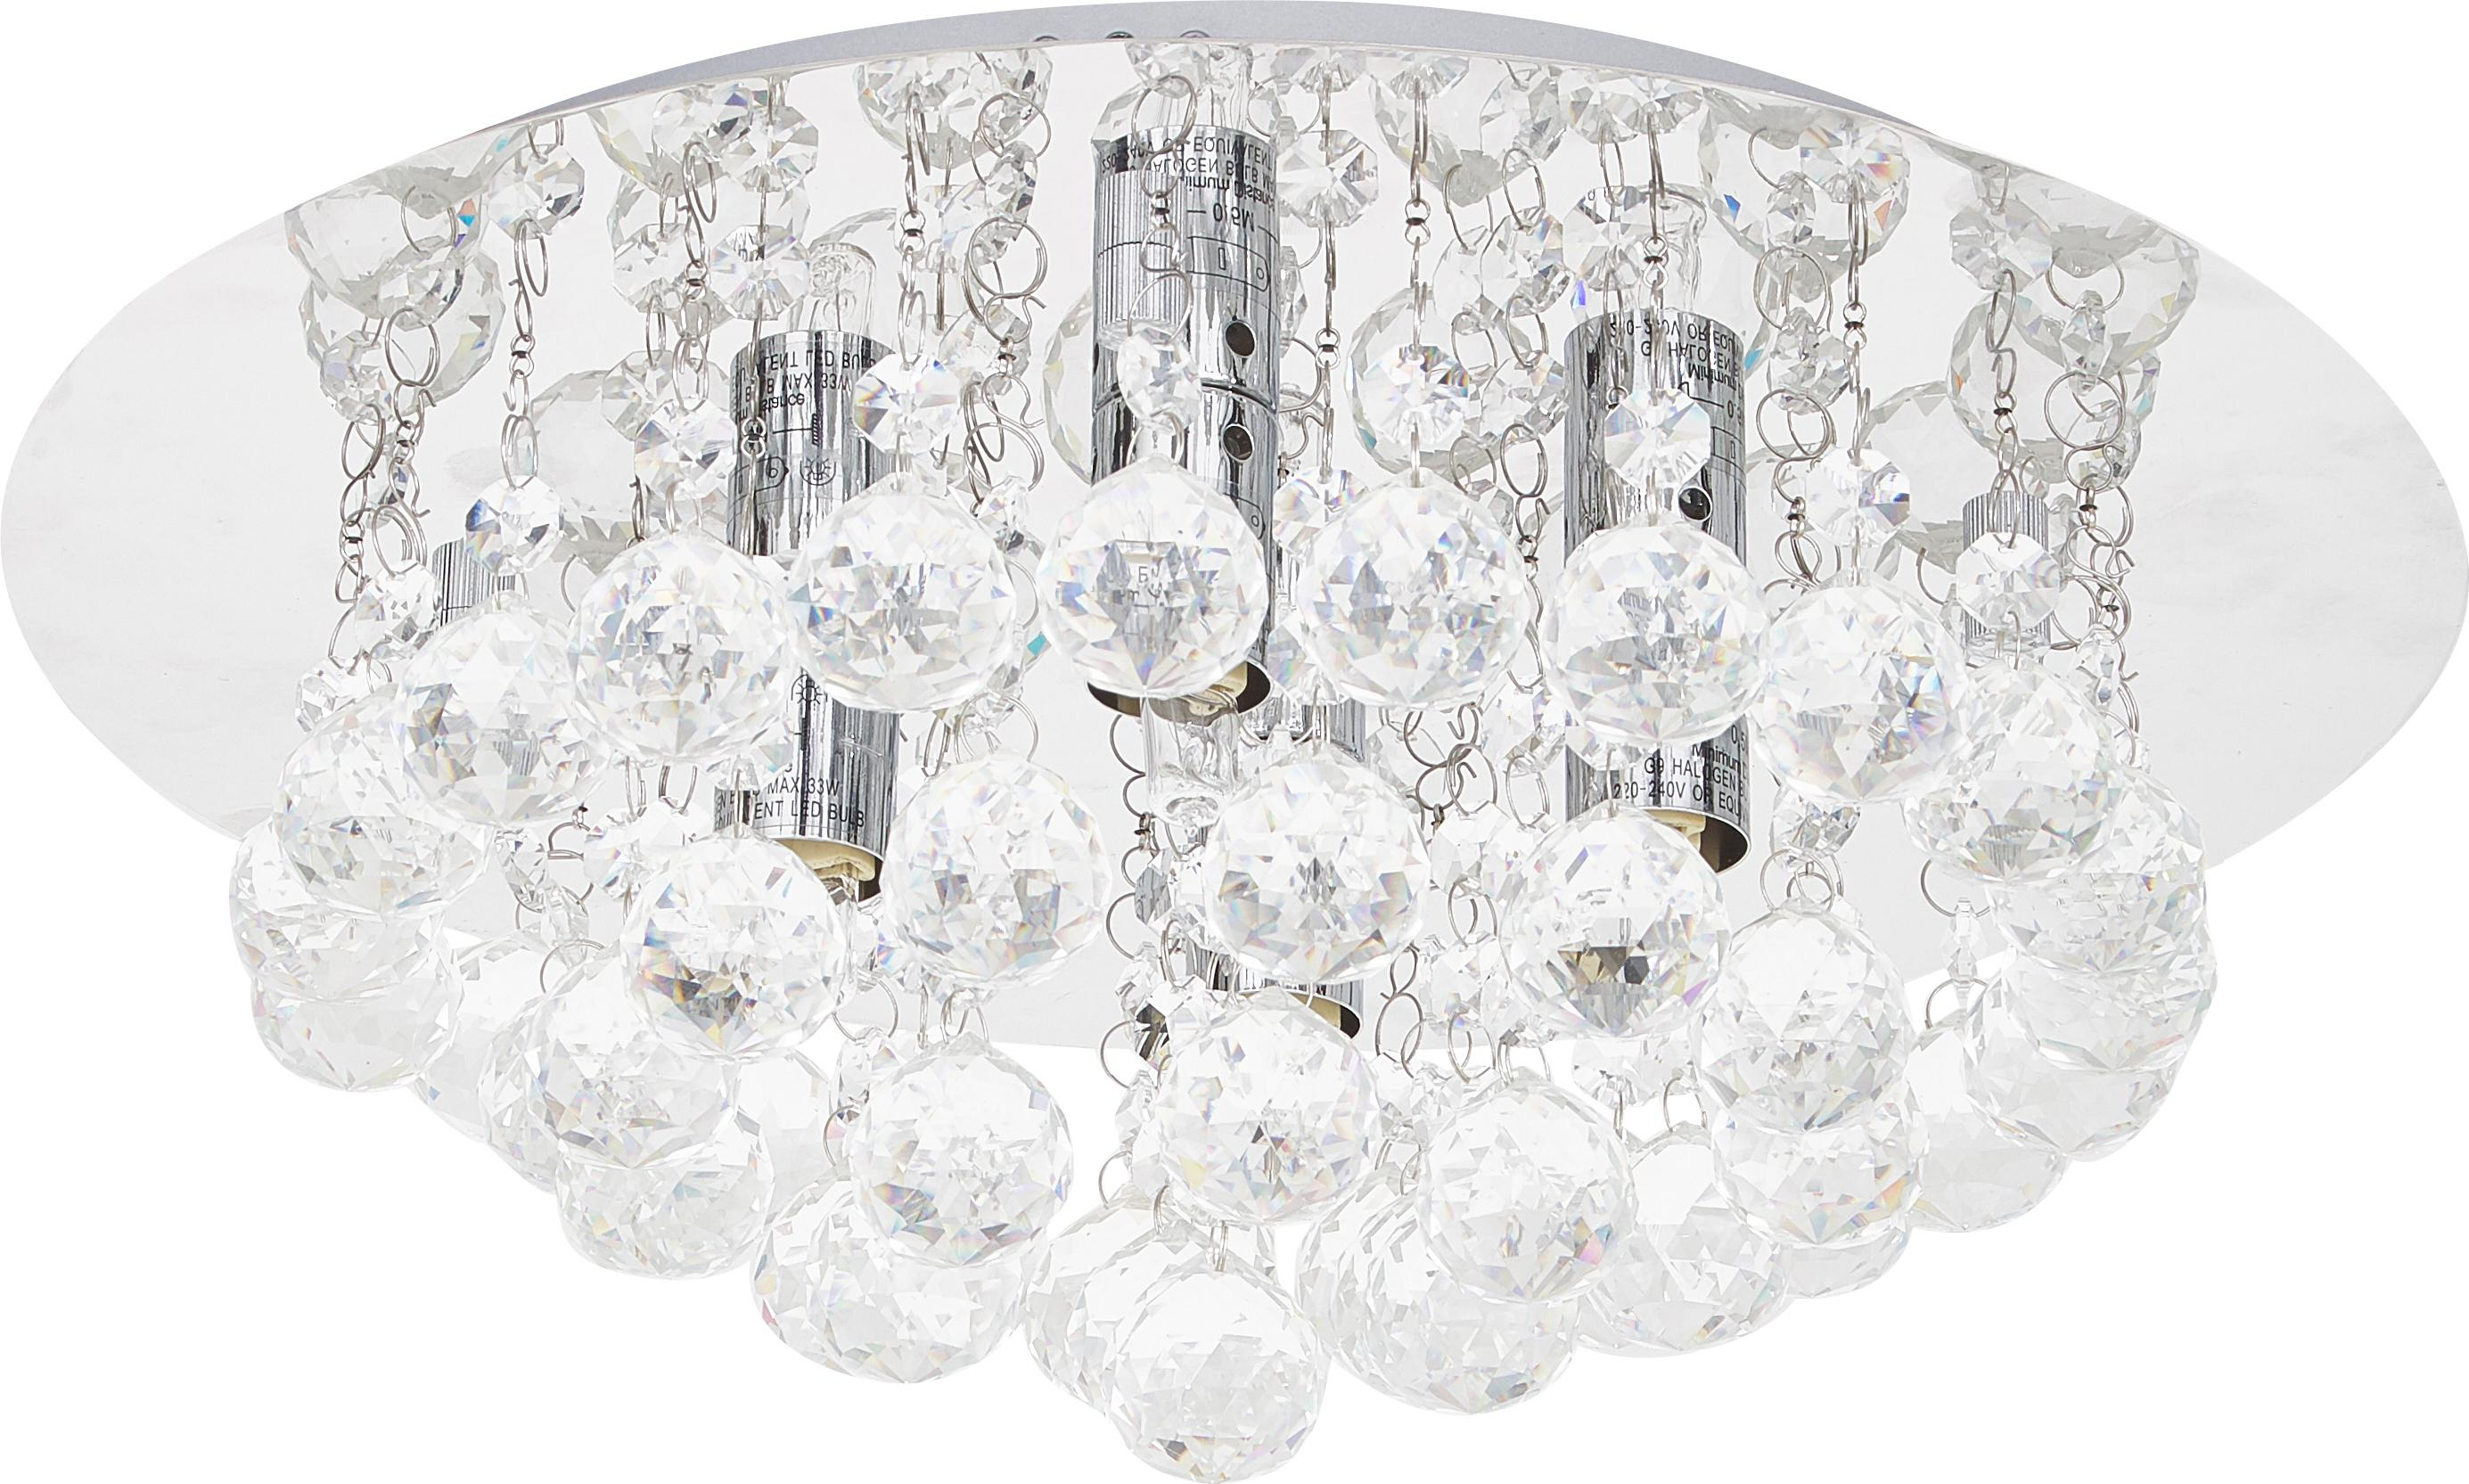 Plafondlamp Helena met glaskristallen, Metaal en kristalglas, Zilverkleurig, Ø 35 x H 18 cm